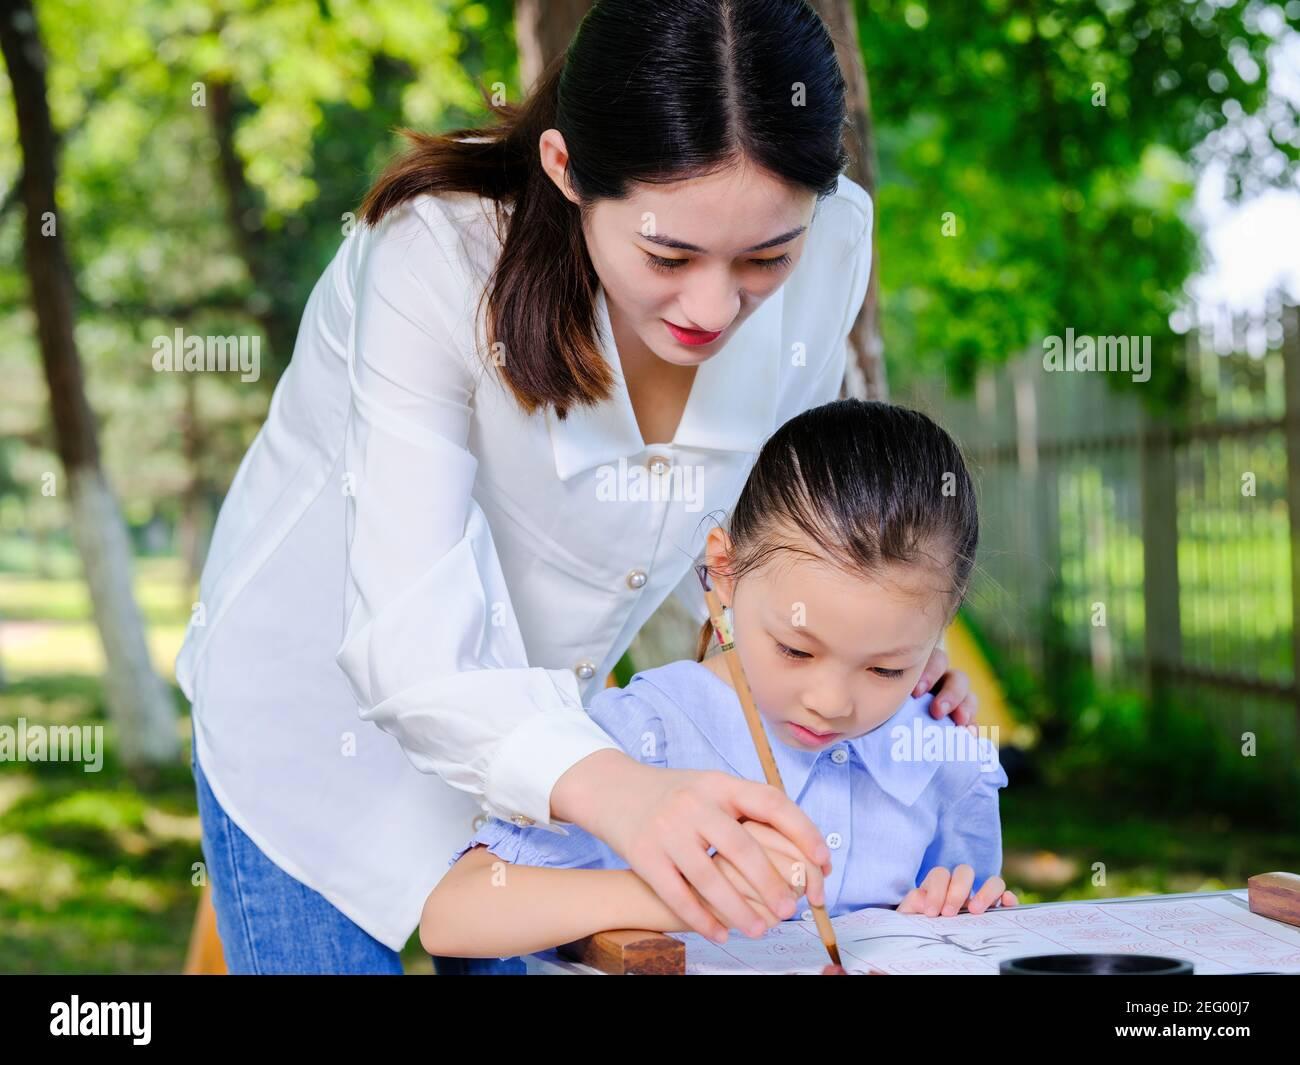 Bonne mère et fille écrire calligraphie à l'extérieur sans regarder le appareil photo Banque D'Images